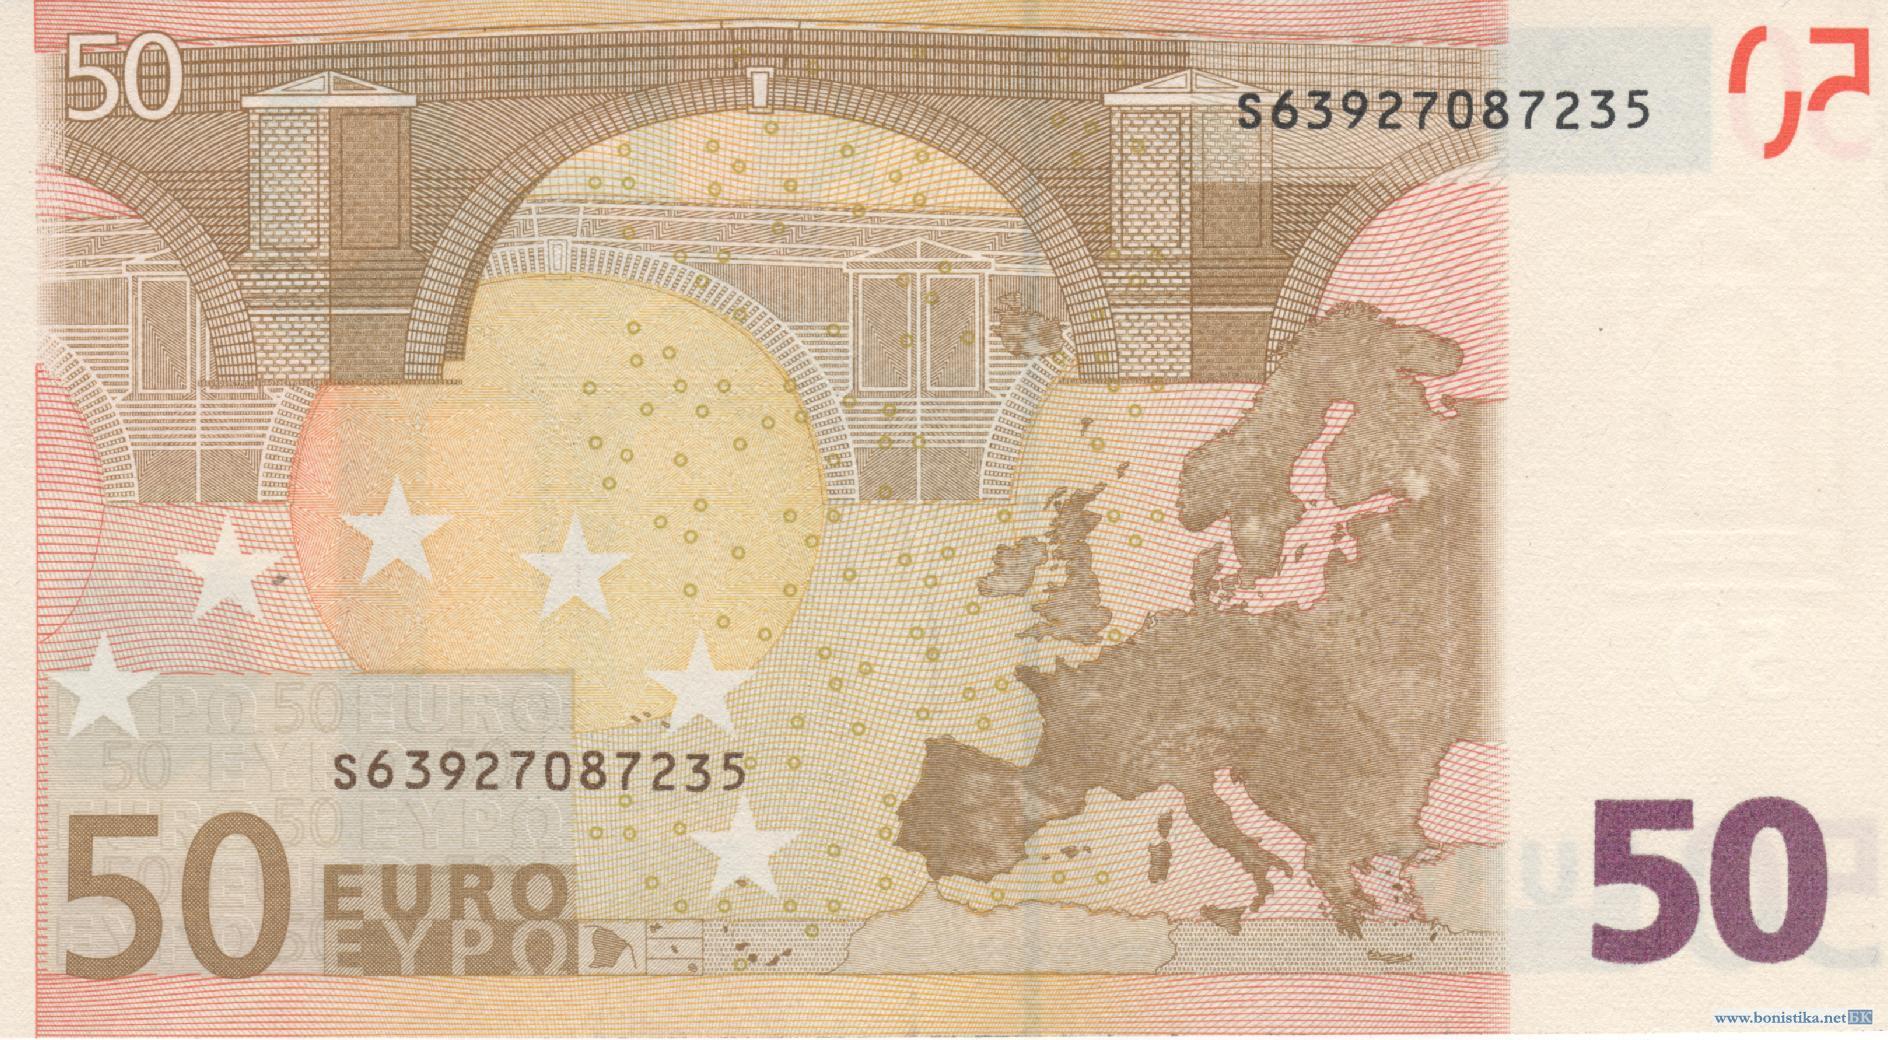 Банкнота 2002 года номиналом 50 евро: цвет – оранжевый, архитектурный стиль – Ренессанс (Возрождение). Источник https://bonistika.net/